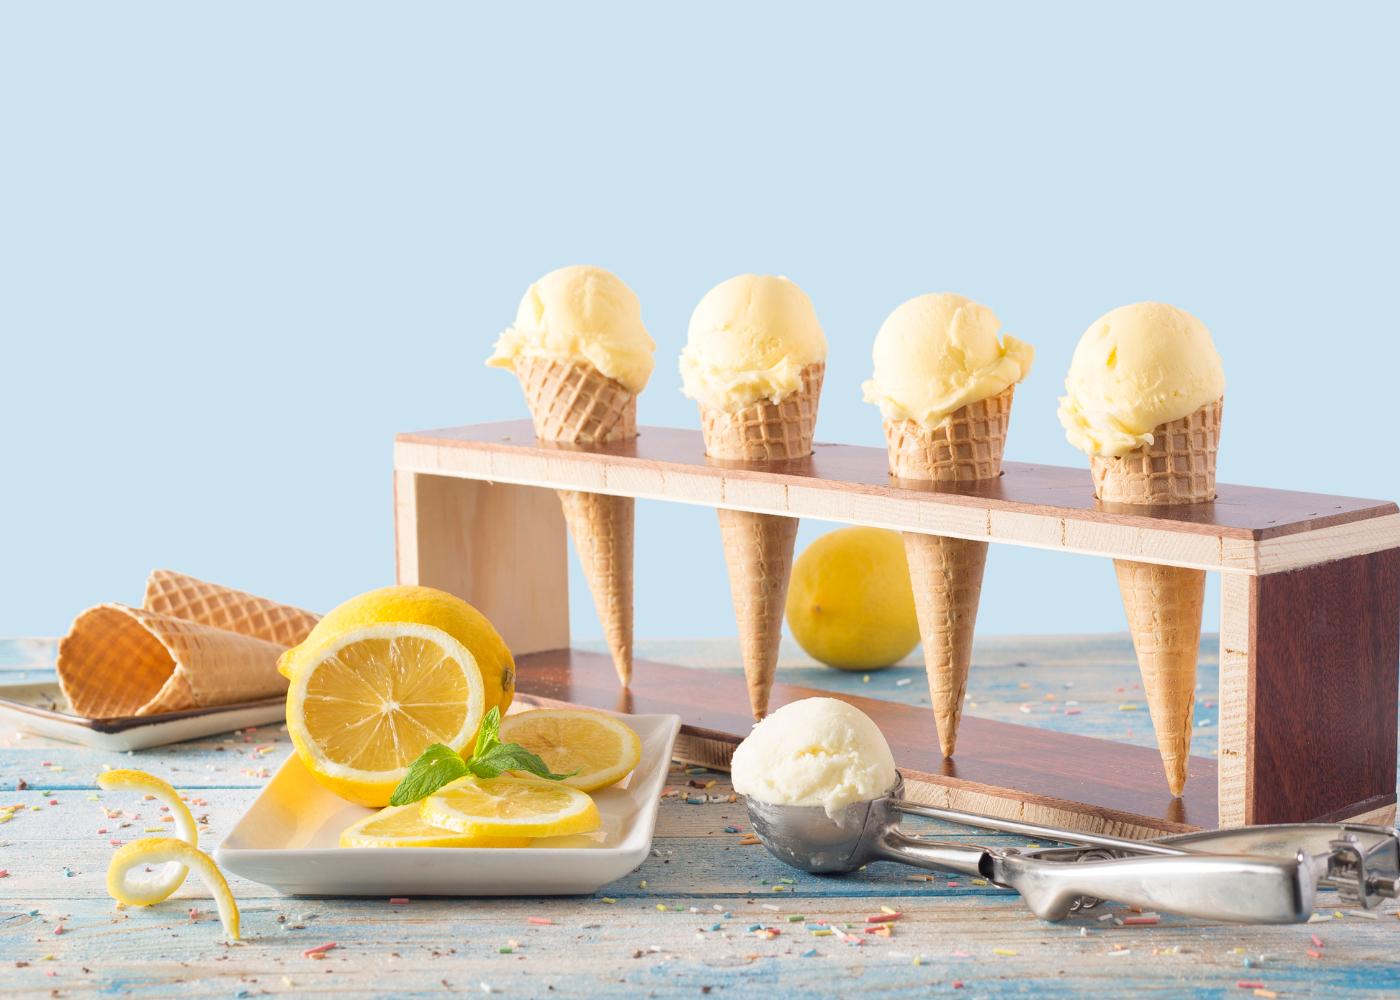 gelados caseiros: 10 receitas faceis e deliciosas para todos os gostos